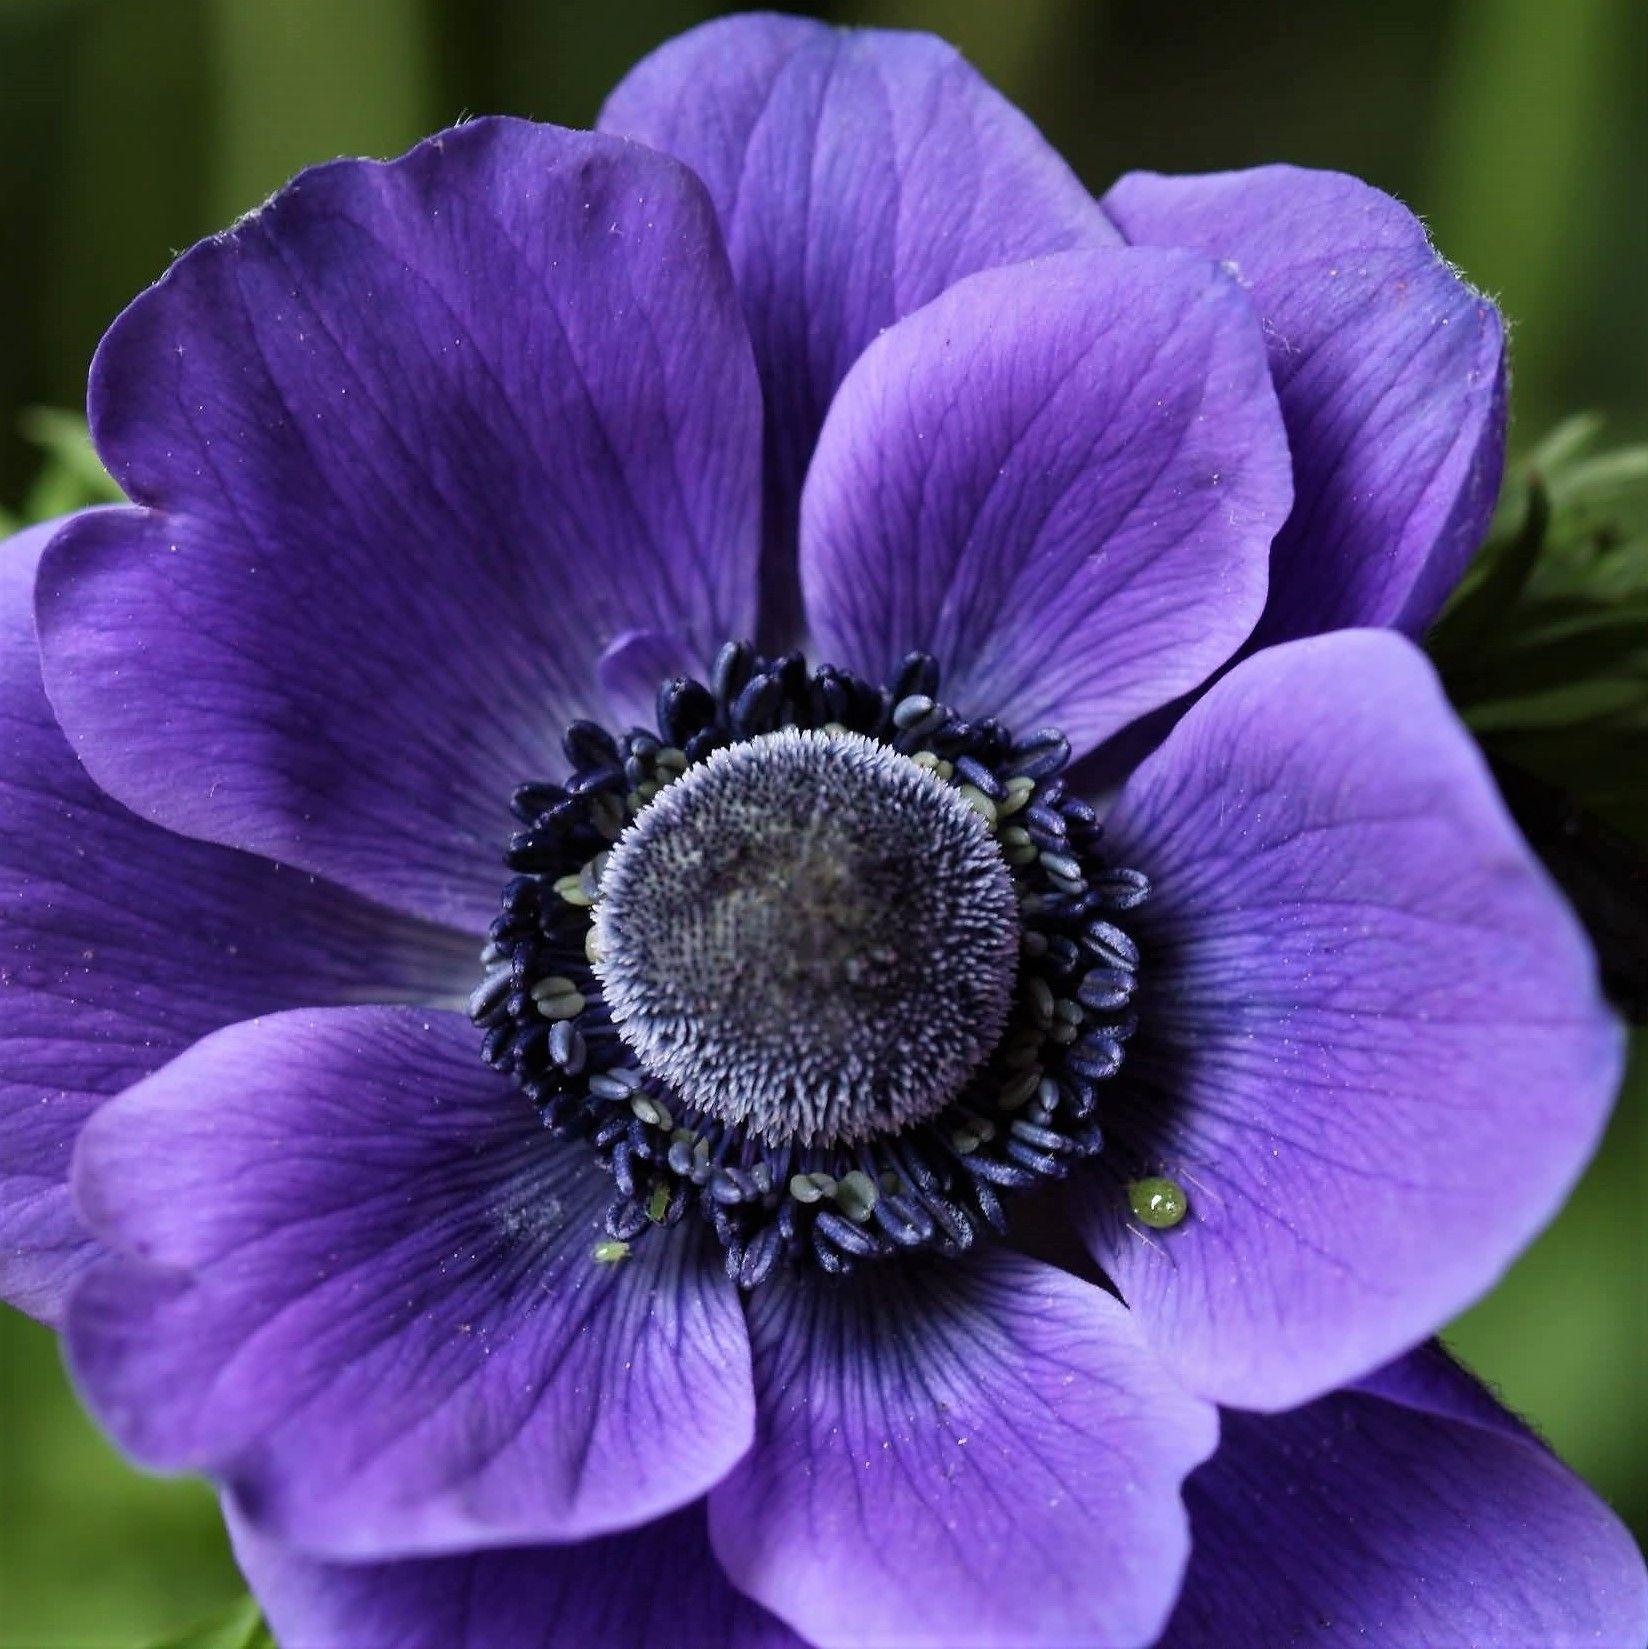 Purple Anemones Wholesale Flowers Diy Wedding Flowers Dark Purple Flowers Diy Wedding Flowers Wholesale Flowers